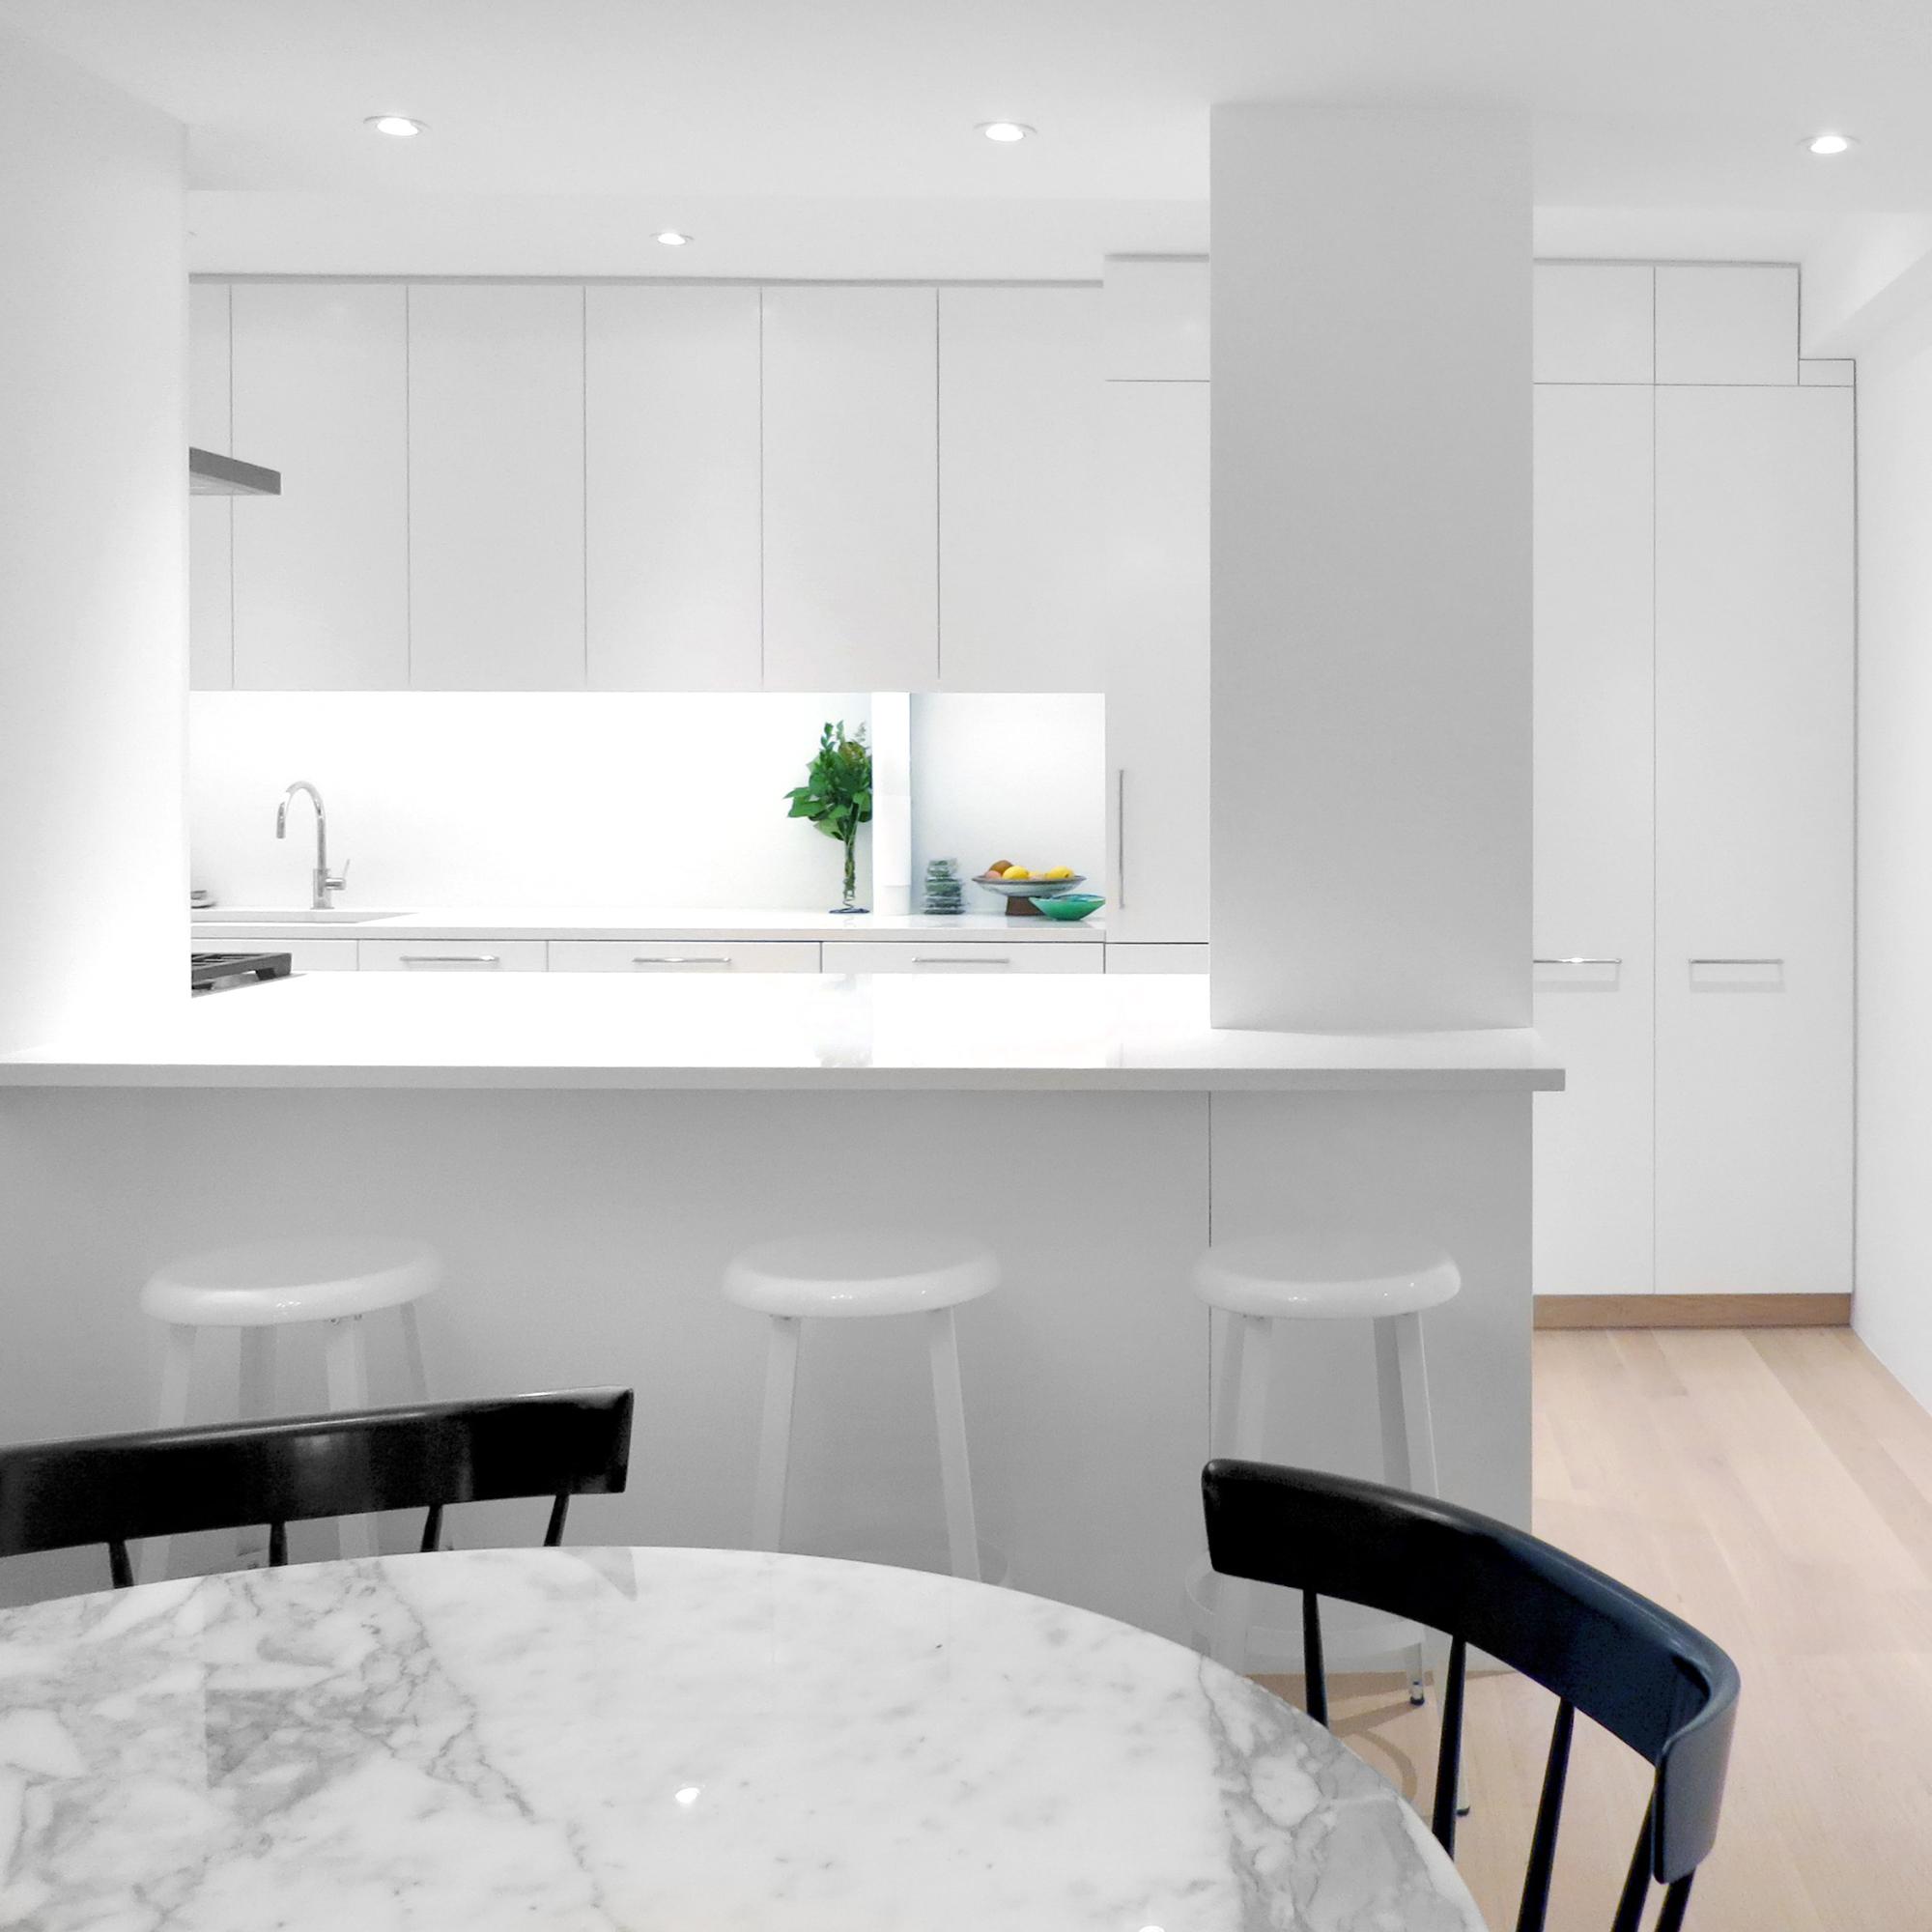 Remsen_Kitchen1.jpg